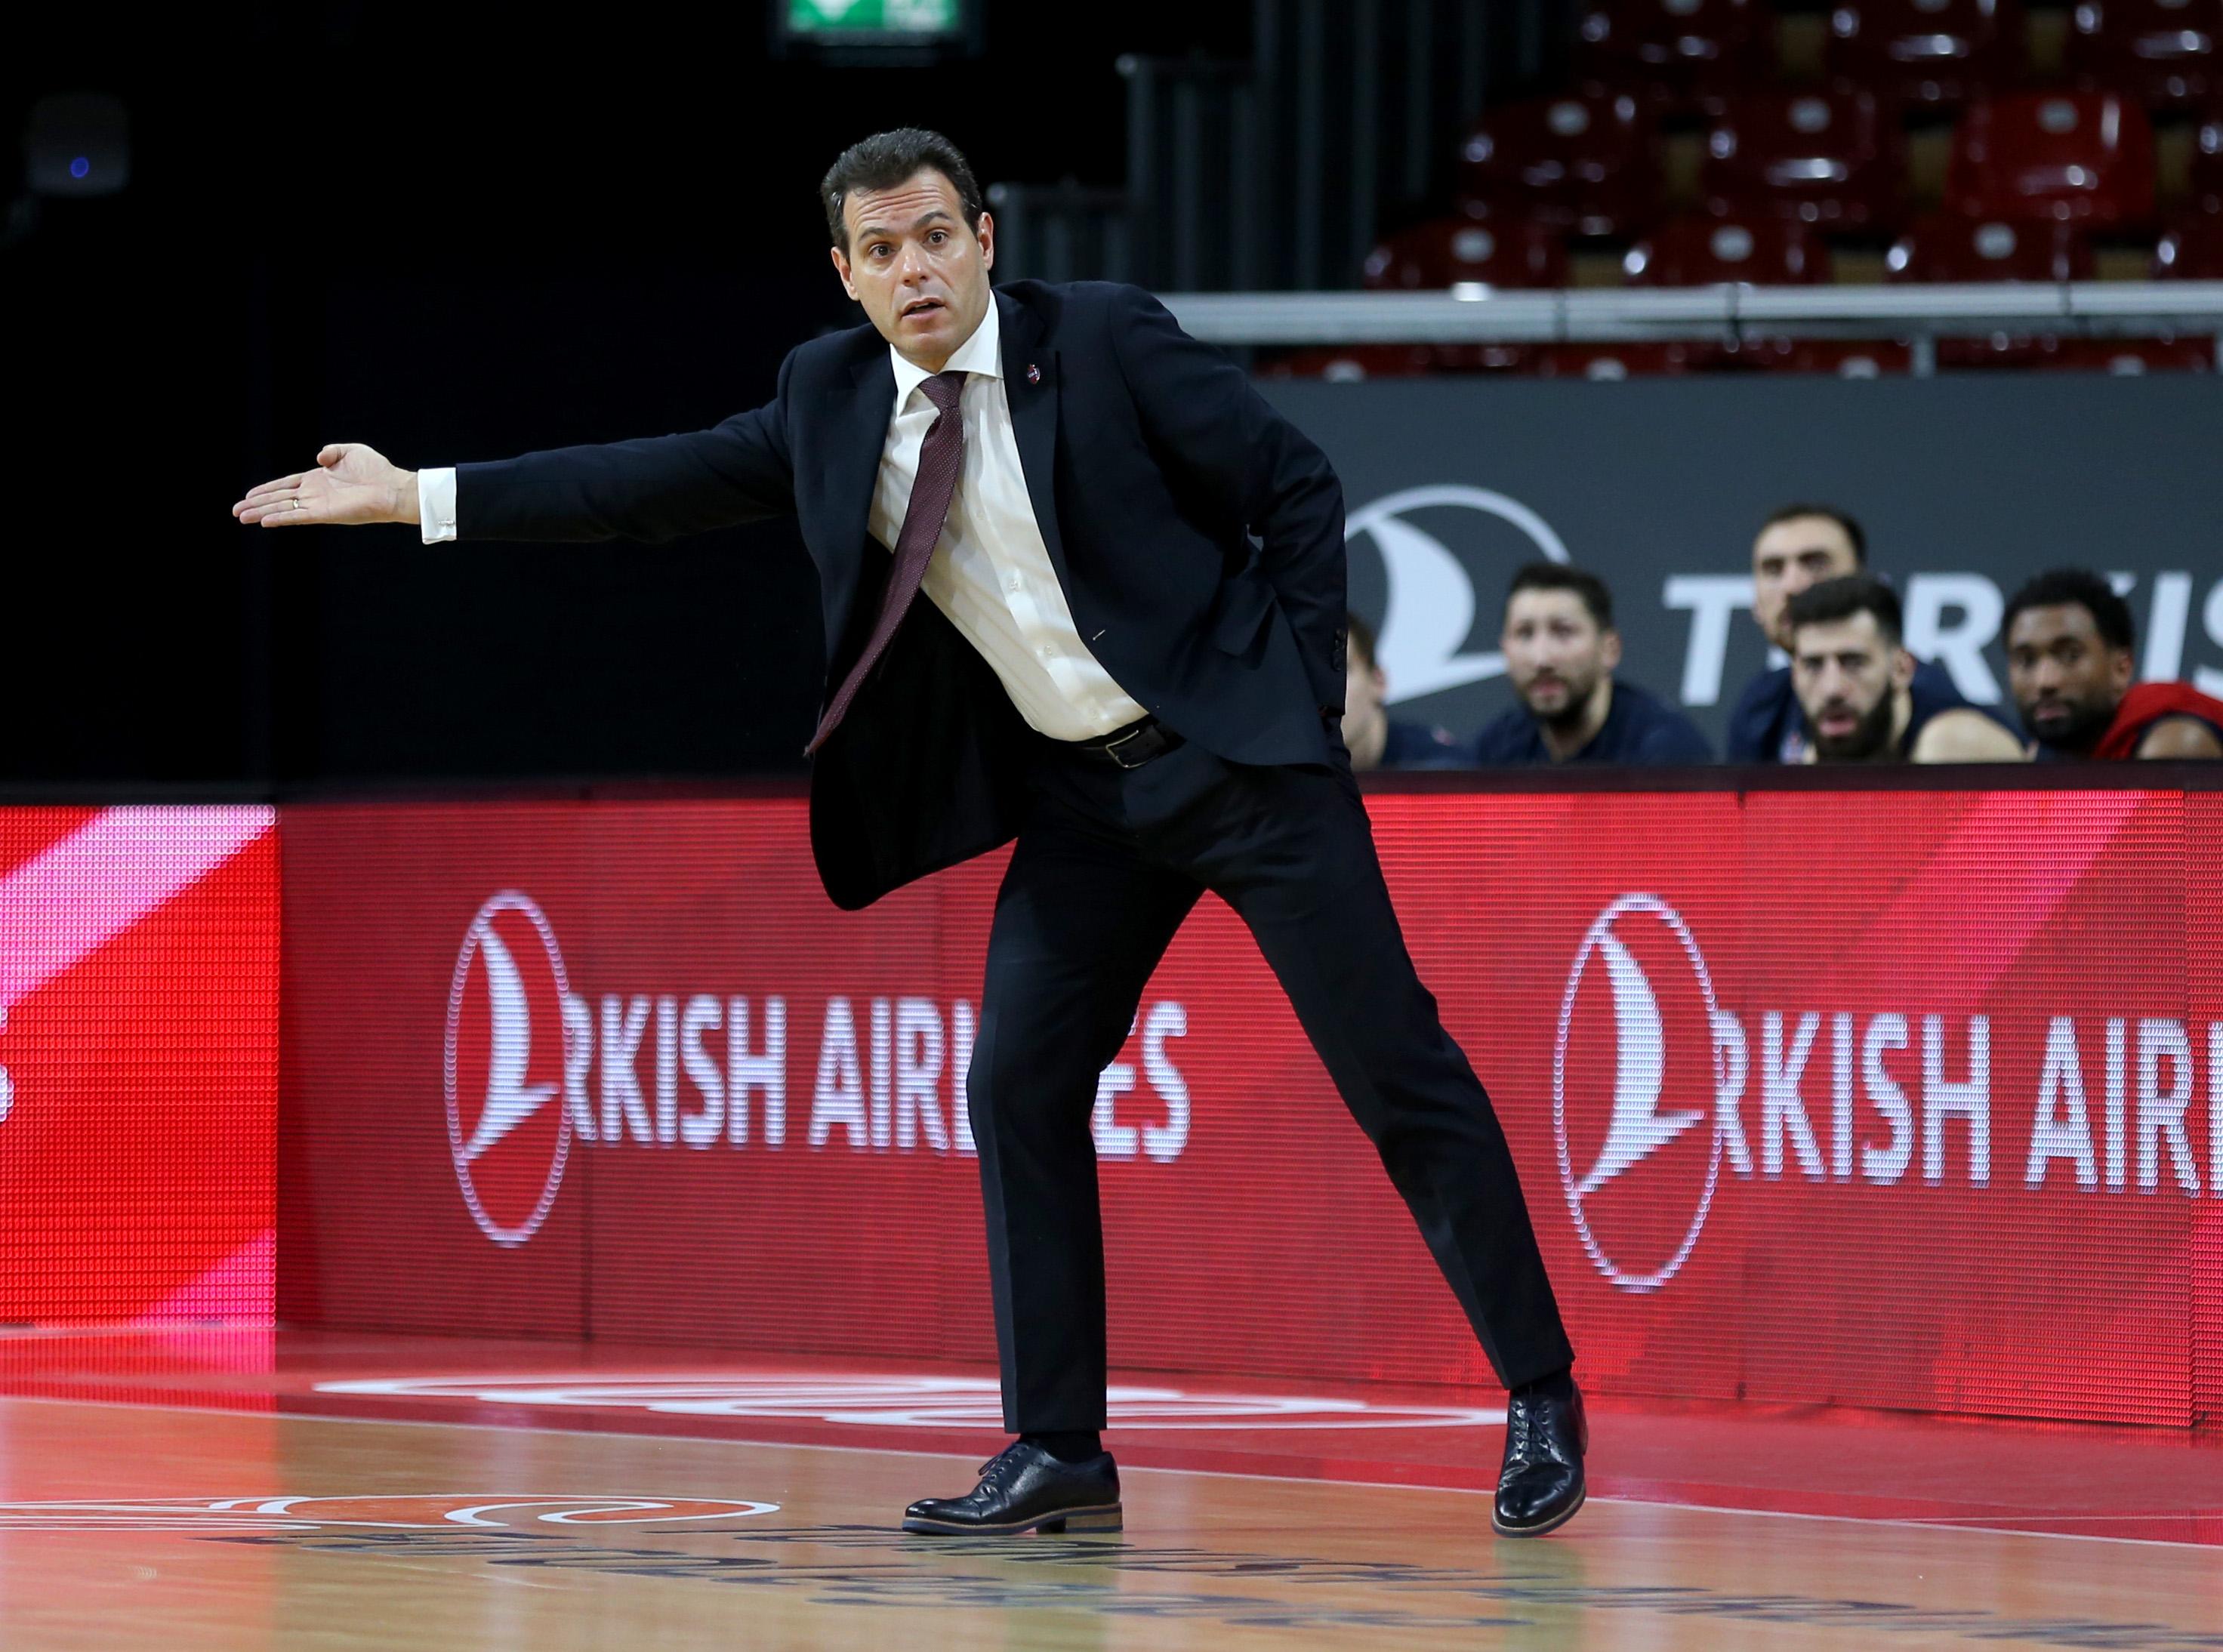 Два из двух в Европе на неделе. ЦСКА выигрывает в Мюнхене и продолжает победную серию